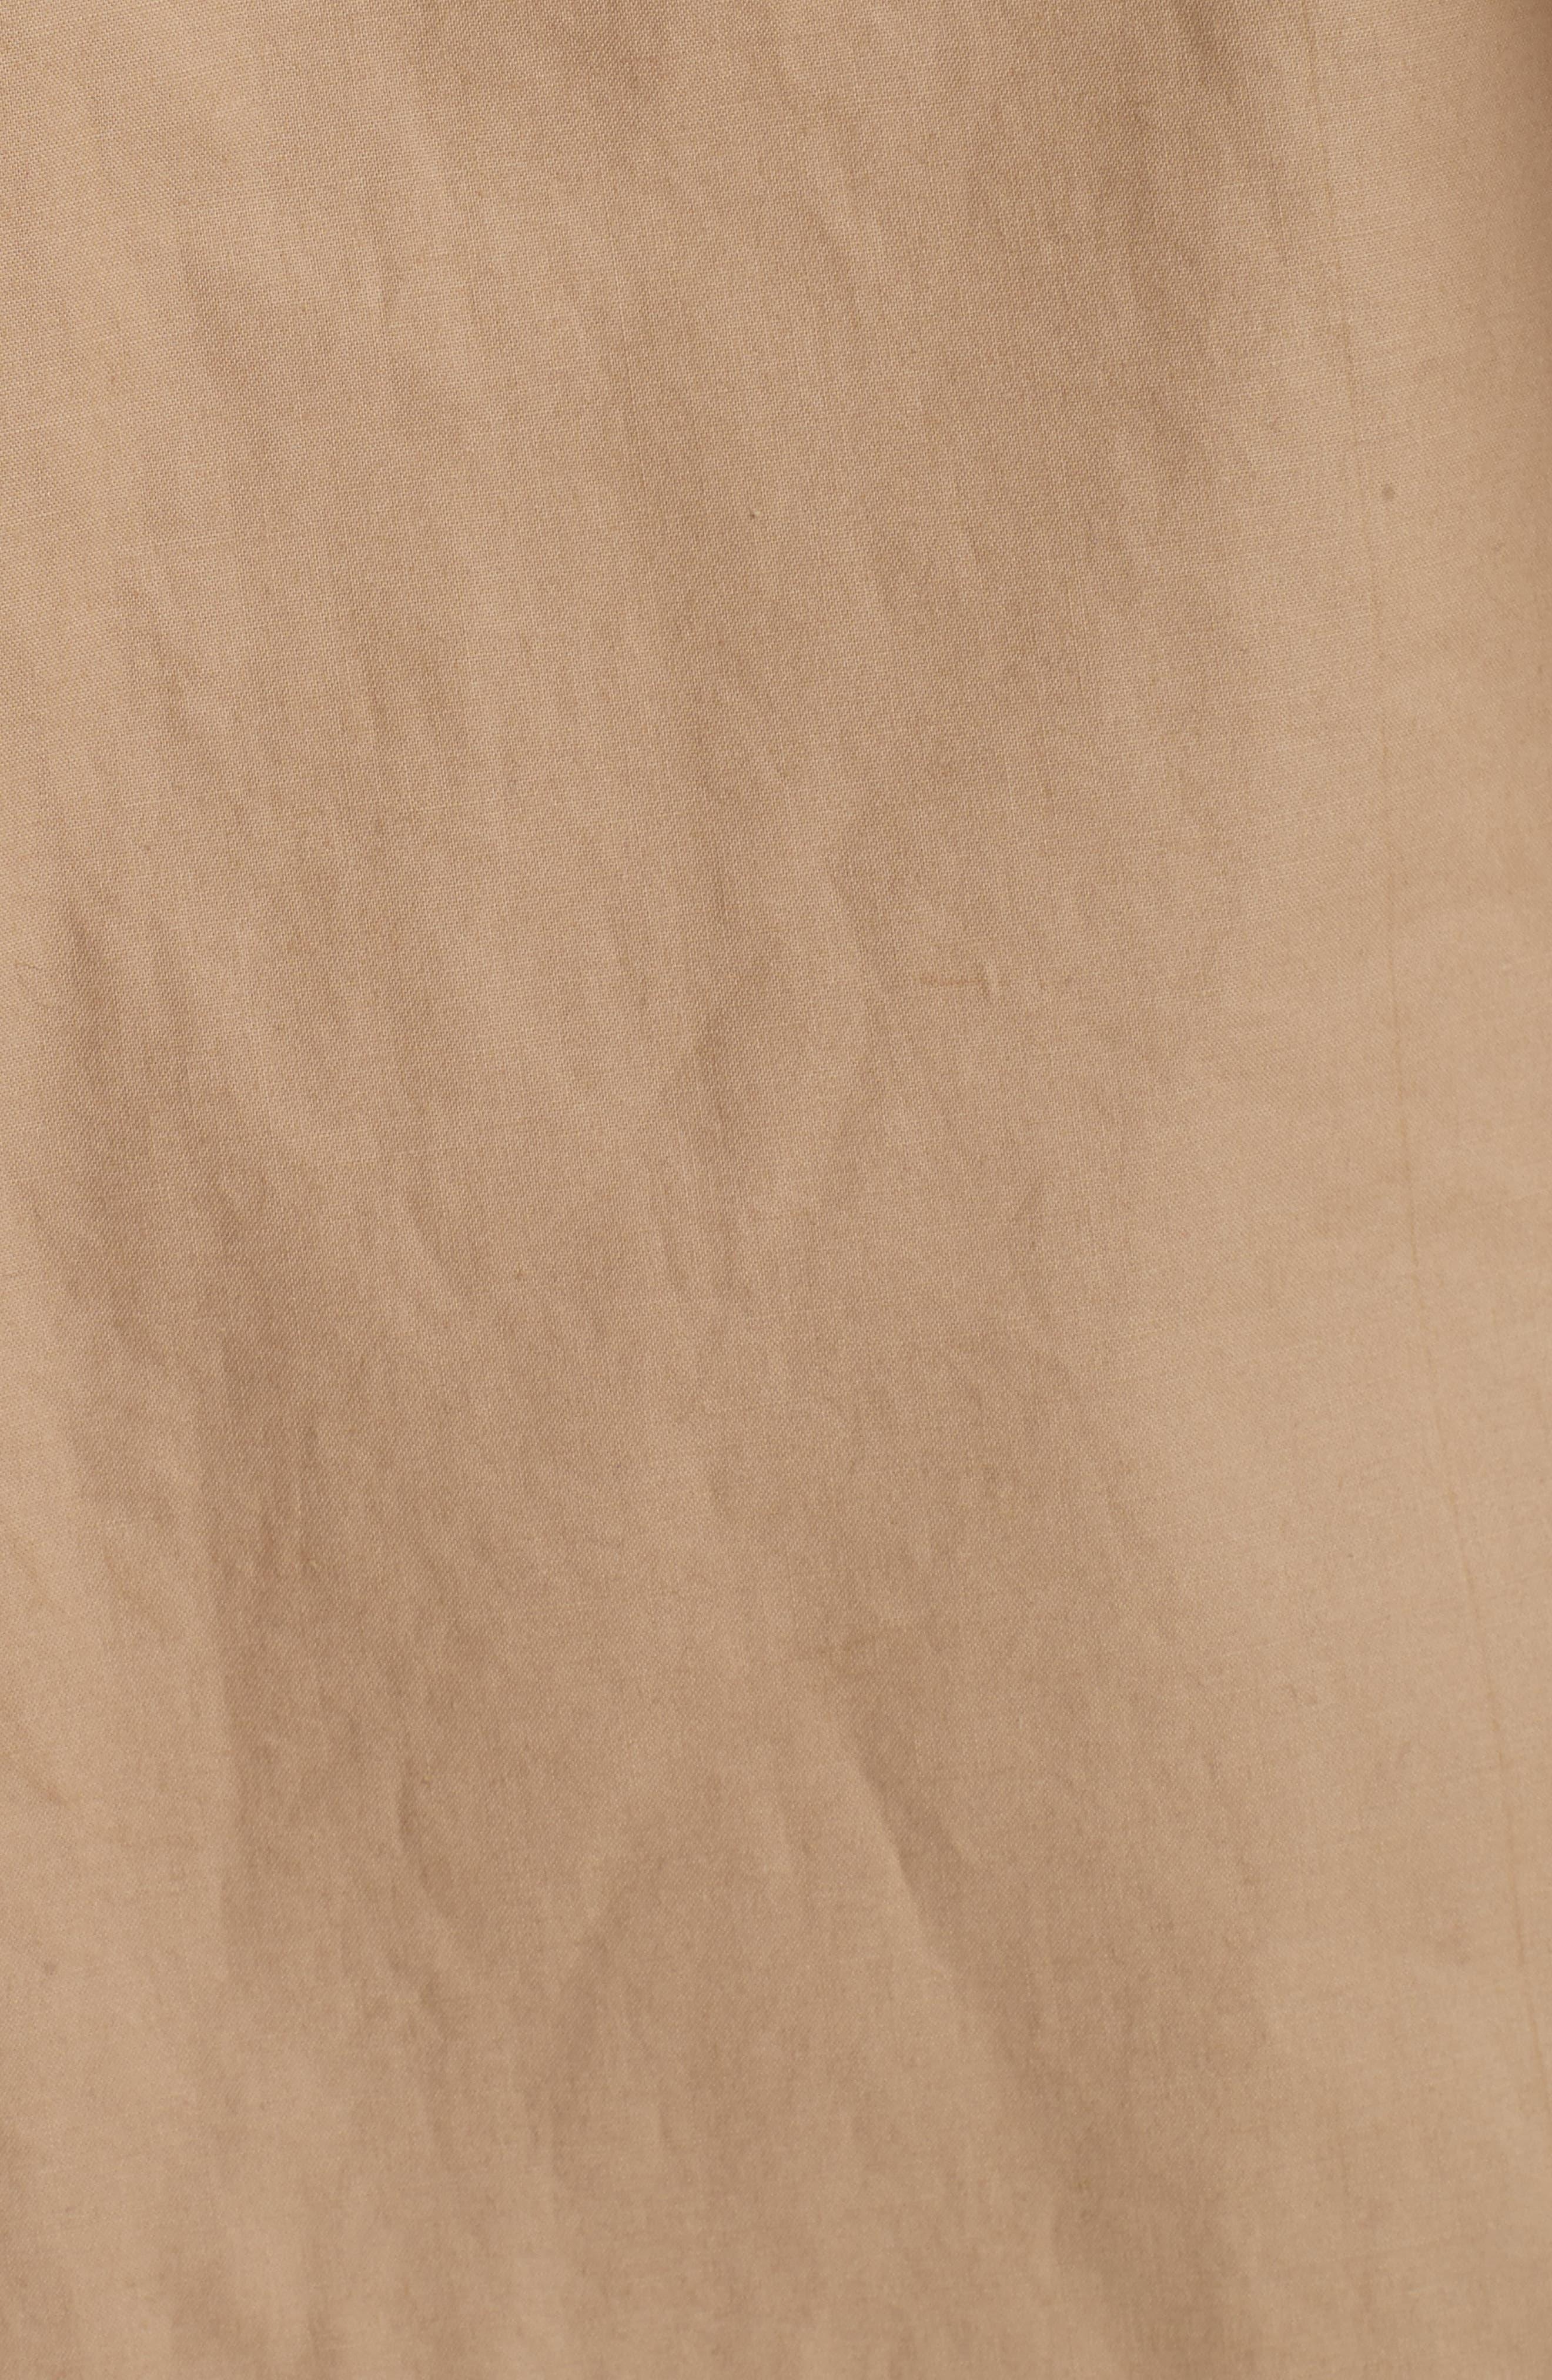 Bonded Poplin Trench Coat,                             Alternate thumbnail 6, color,                             252